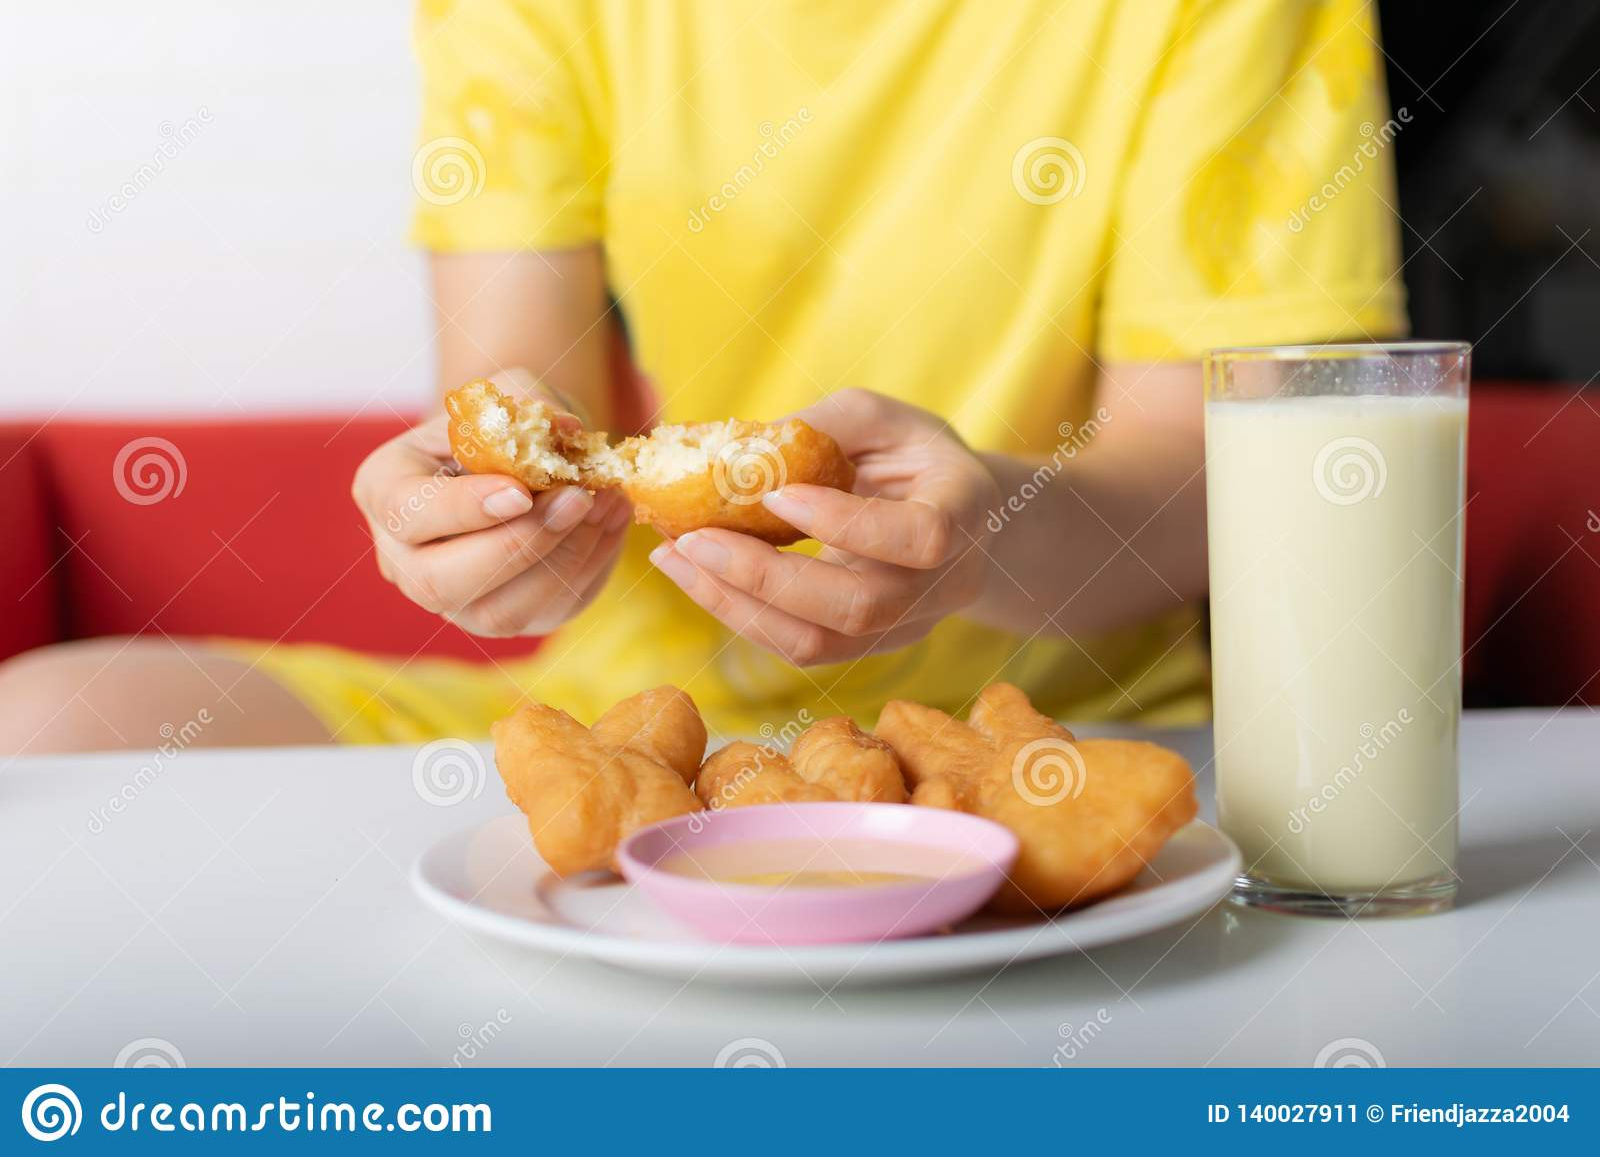 撕毁油煎的小圆面包的妇女的手在杯在桌上的豆浆附近